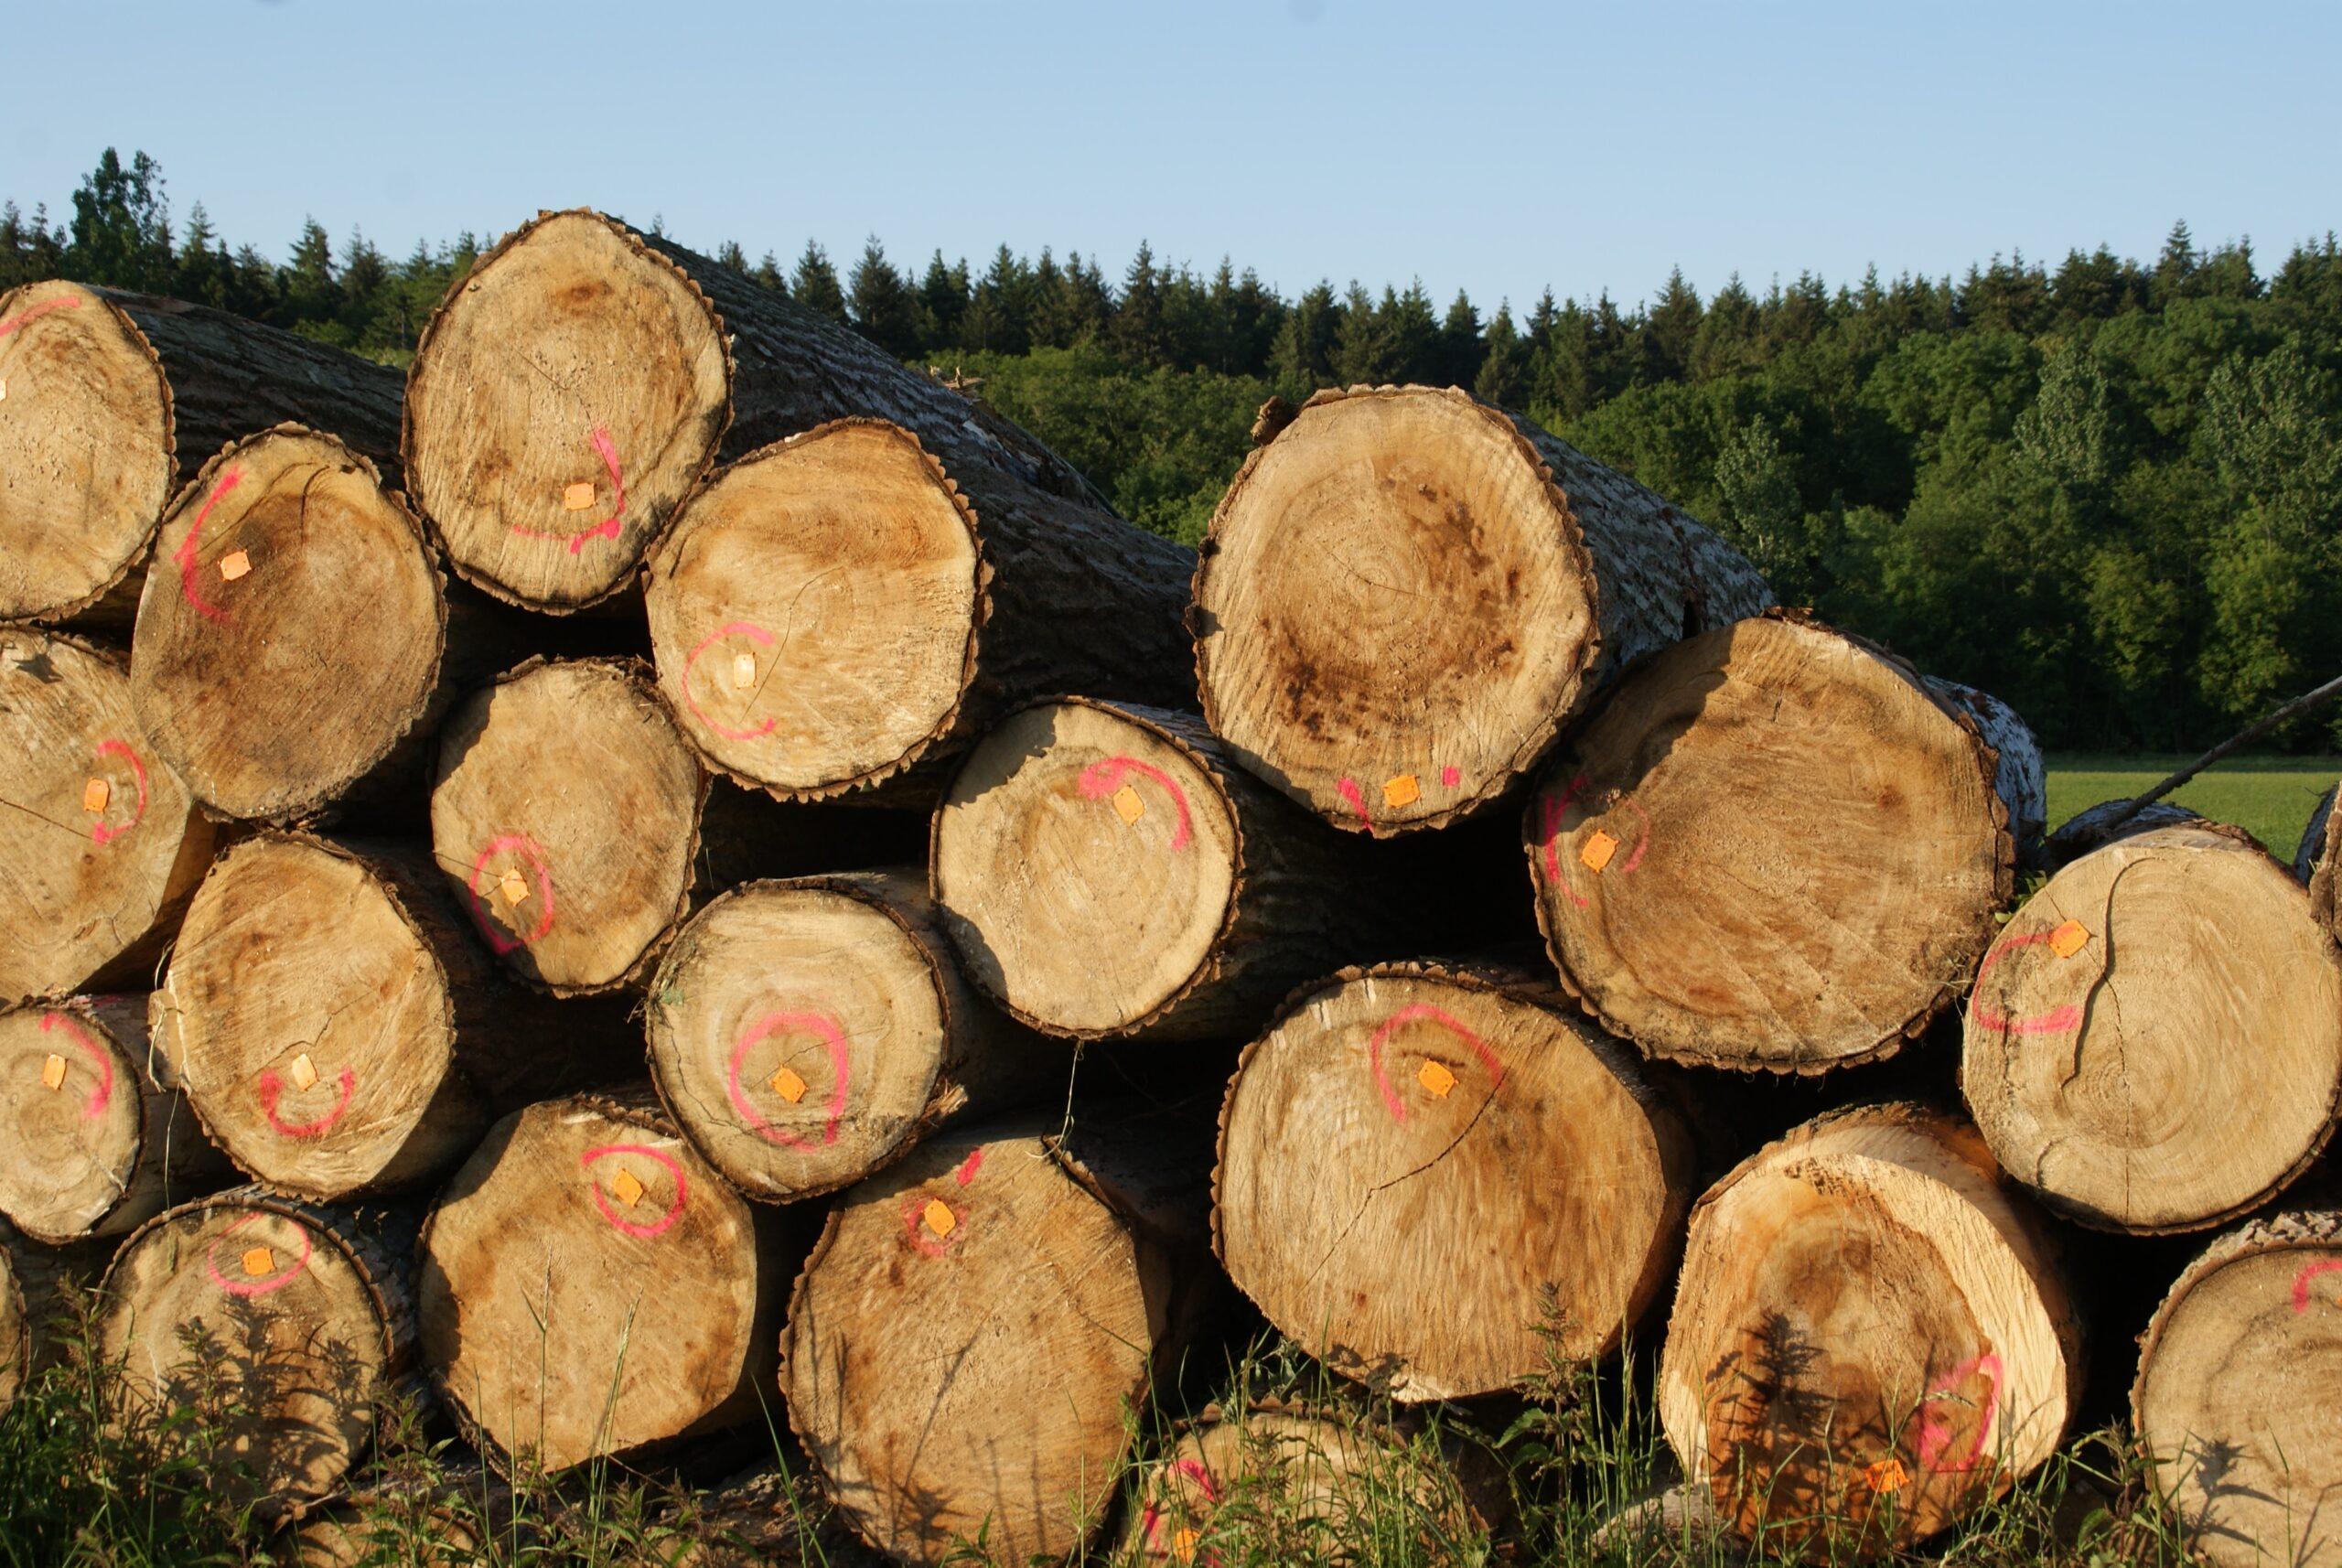 ウッドショックの影響を受ける木材